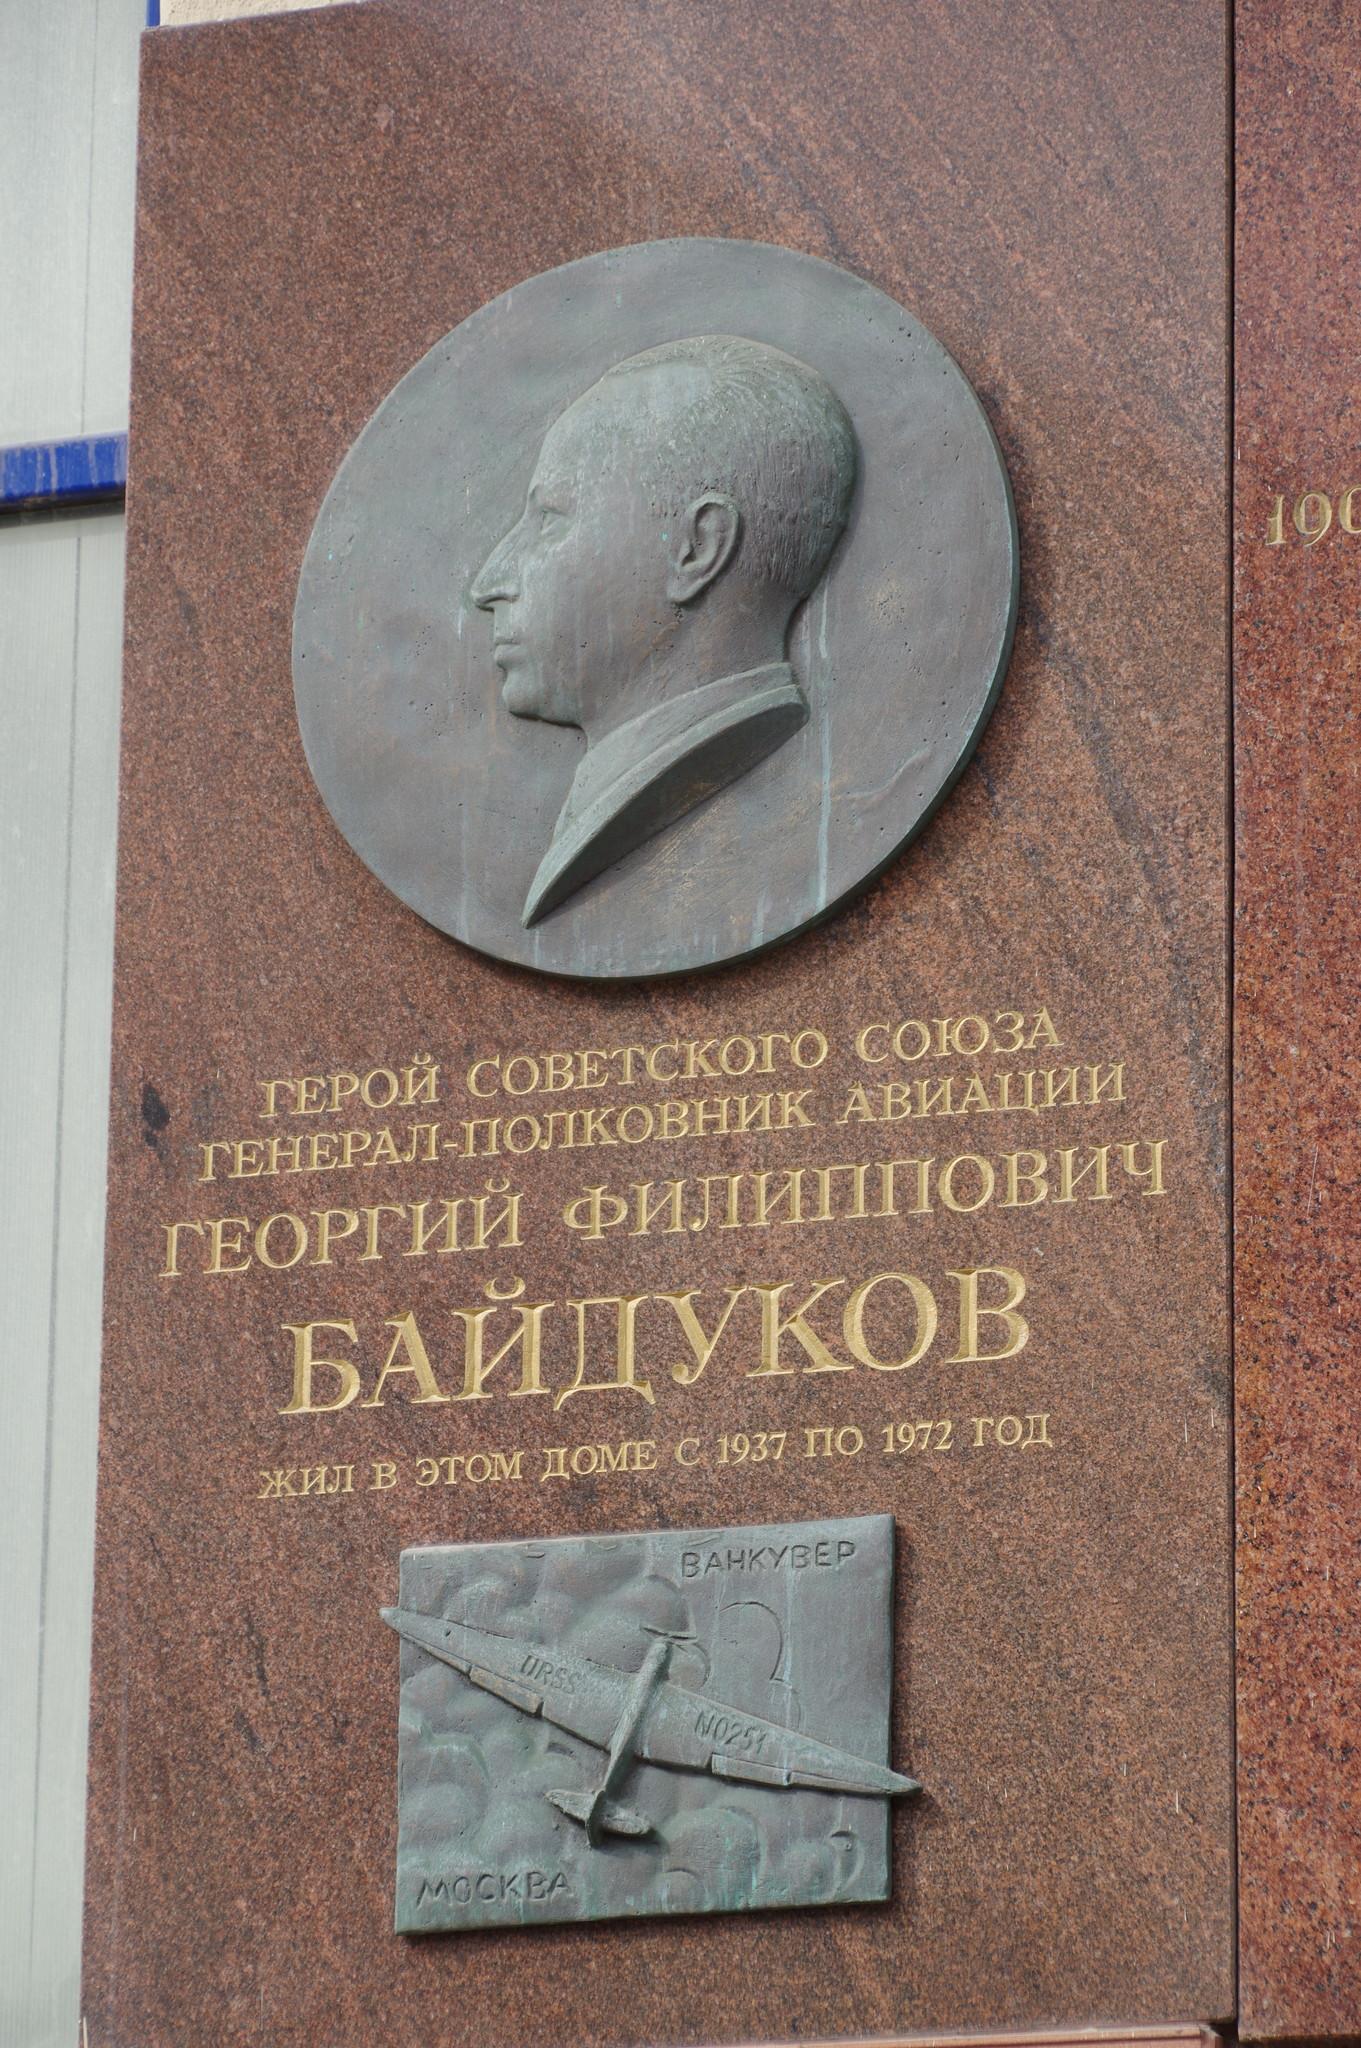 Мемориальная доска Георгию Филипповичу Байдукову на фасаде дома (улица Земляной Вал, дом 14-16, строение 1) в котором он жил с 1937 года по 1972 год